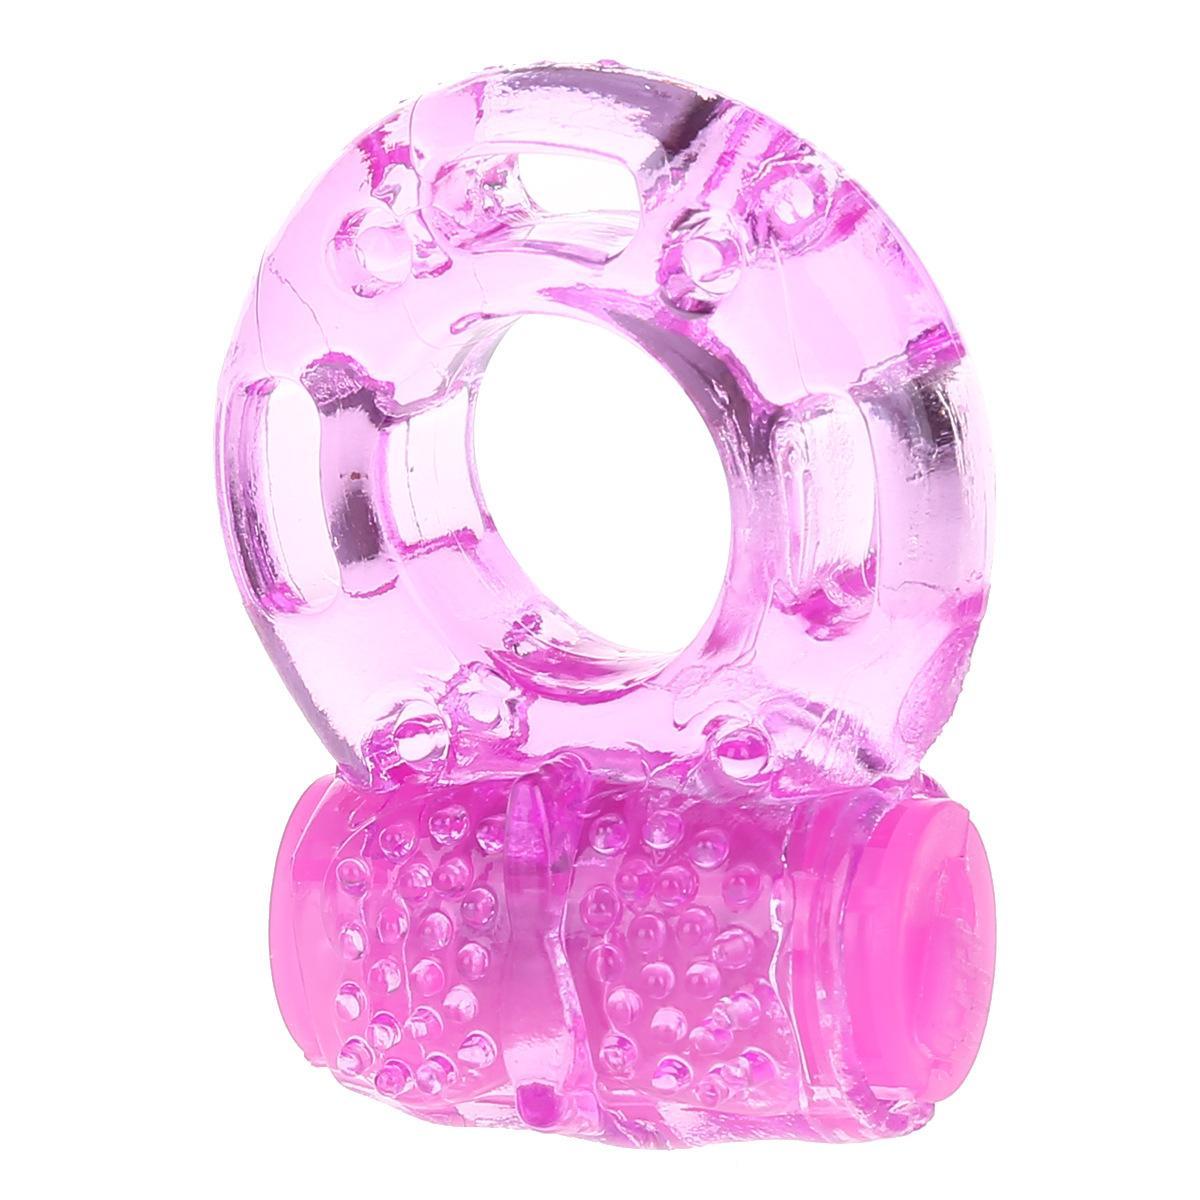 Farfalla Silicone Cock Ring Jelly vibrazione del pene Ring Ritardo Eiaculazione precoce Blocco giocattoli del sesso per gli uomini